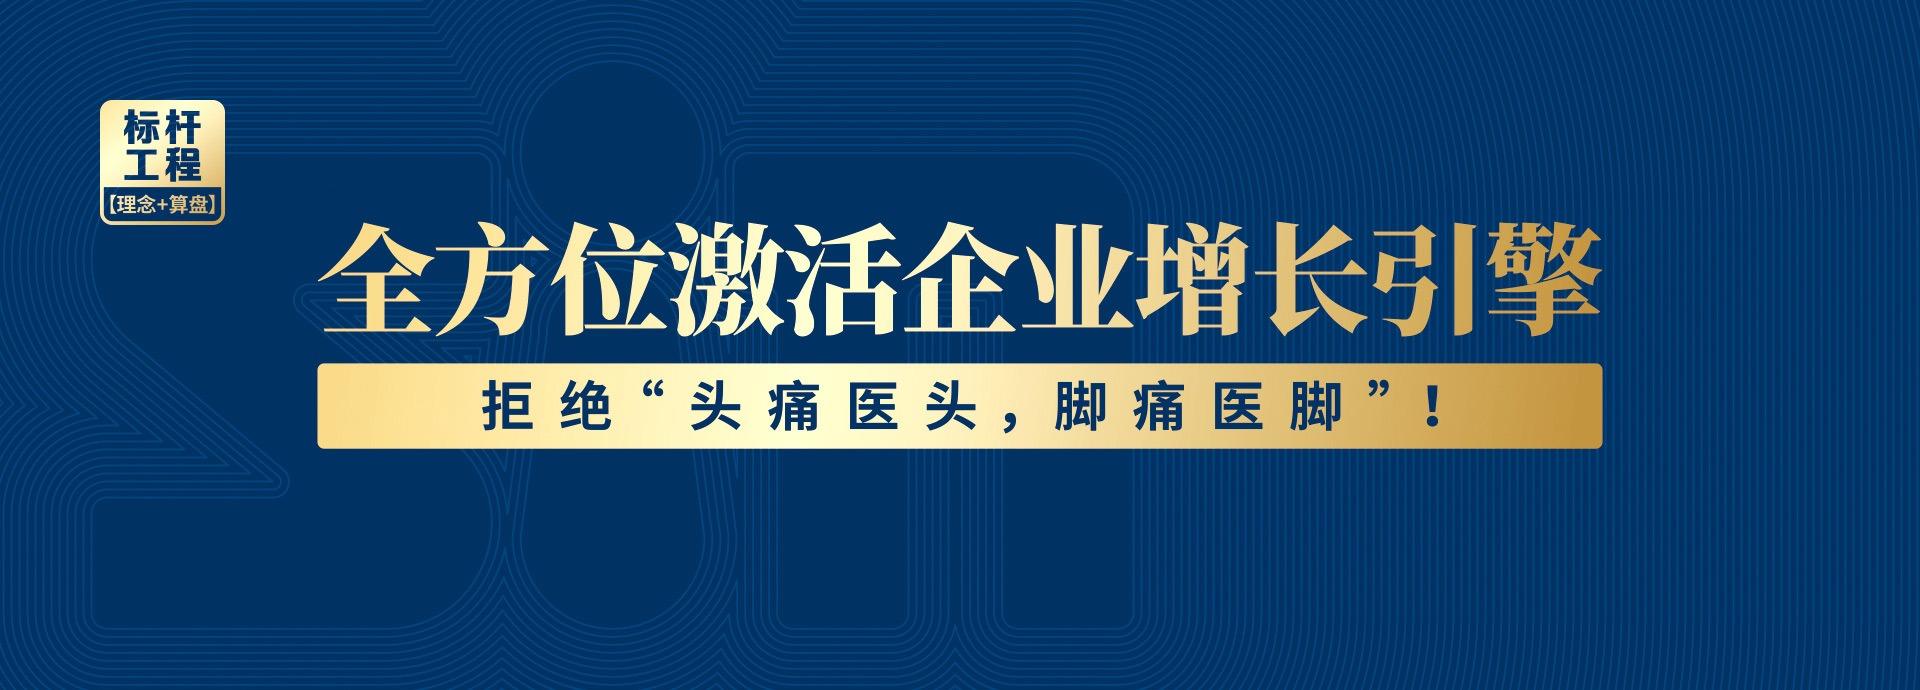 广州道成阿米巴咨询公司-阿米巴咨询项目-阿米巴系统经营咨询banner